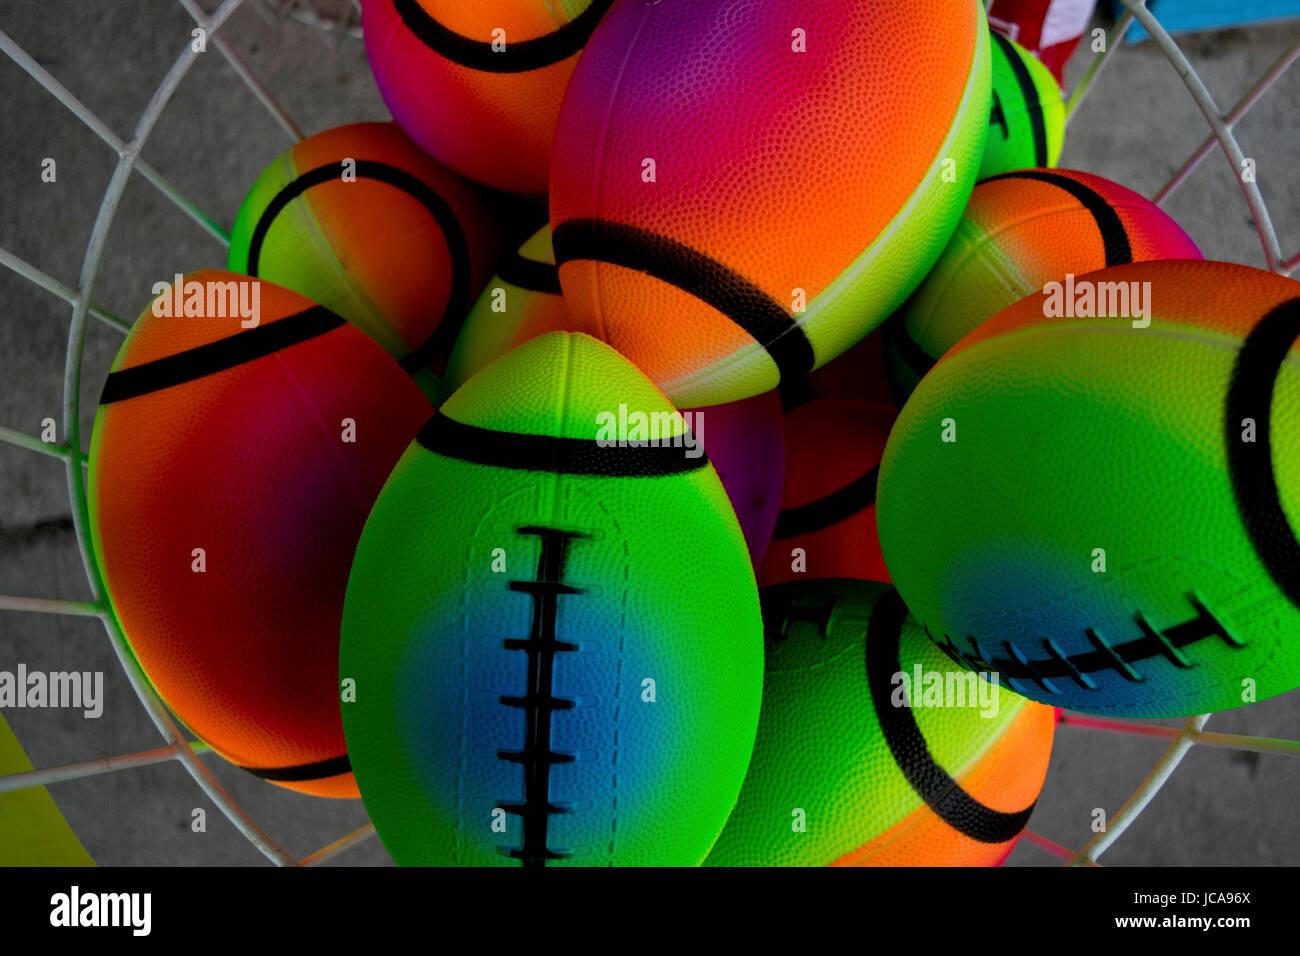 Ballons Jouets colorés fluorescentes dans un fil bin Banque D'Images